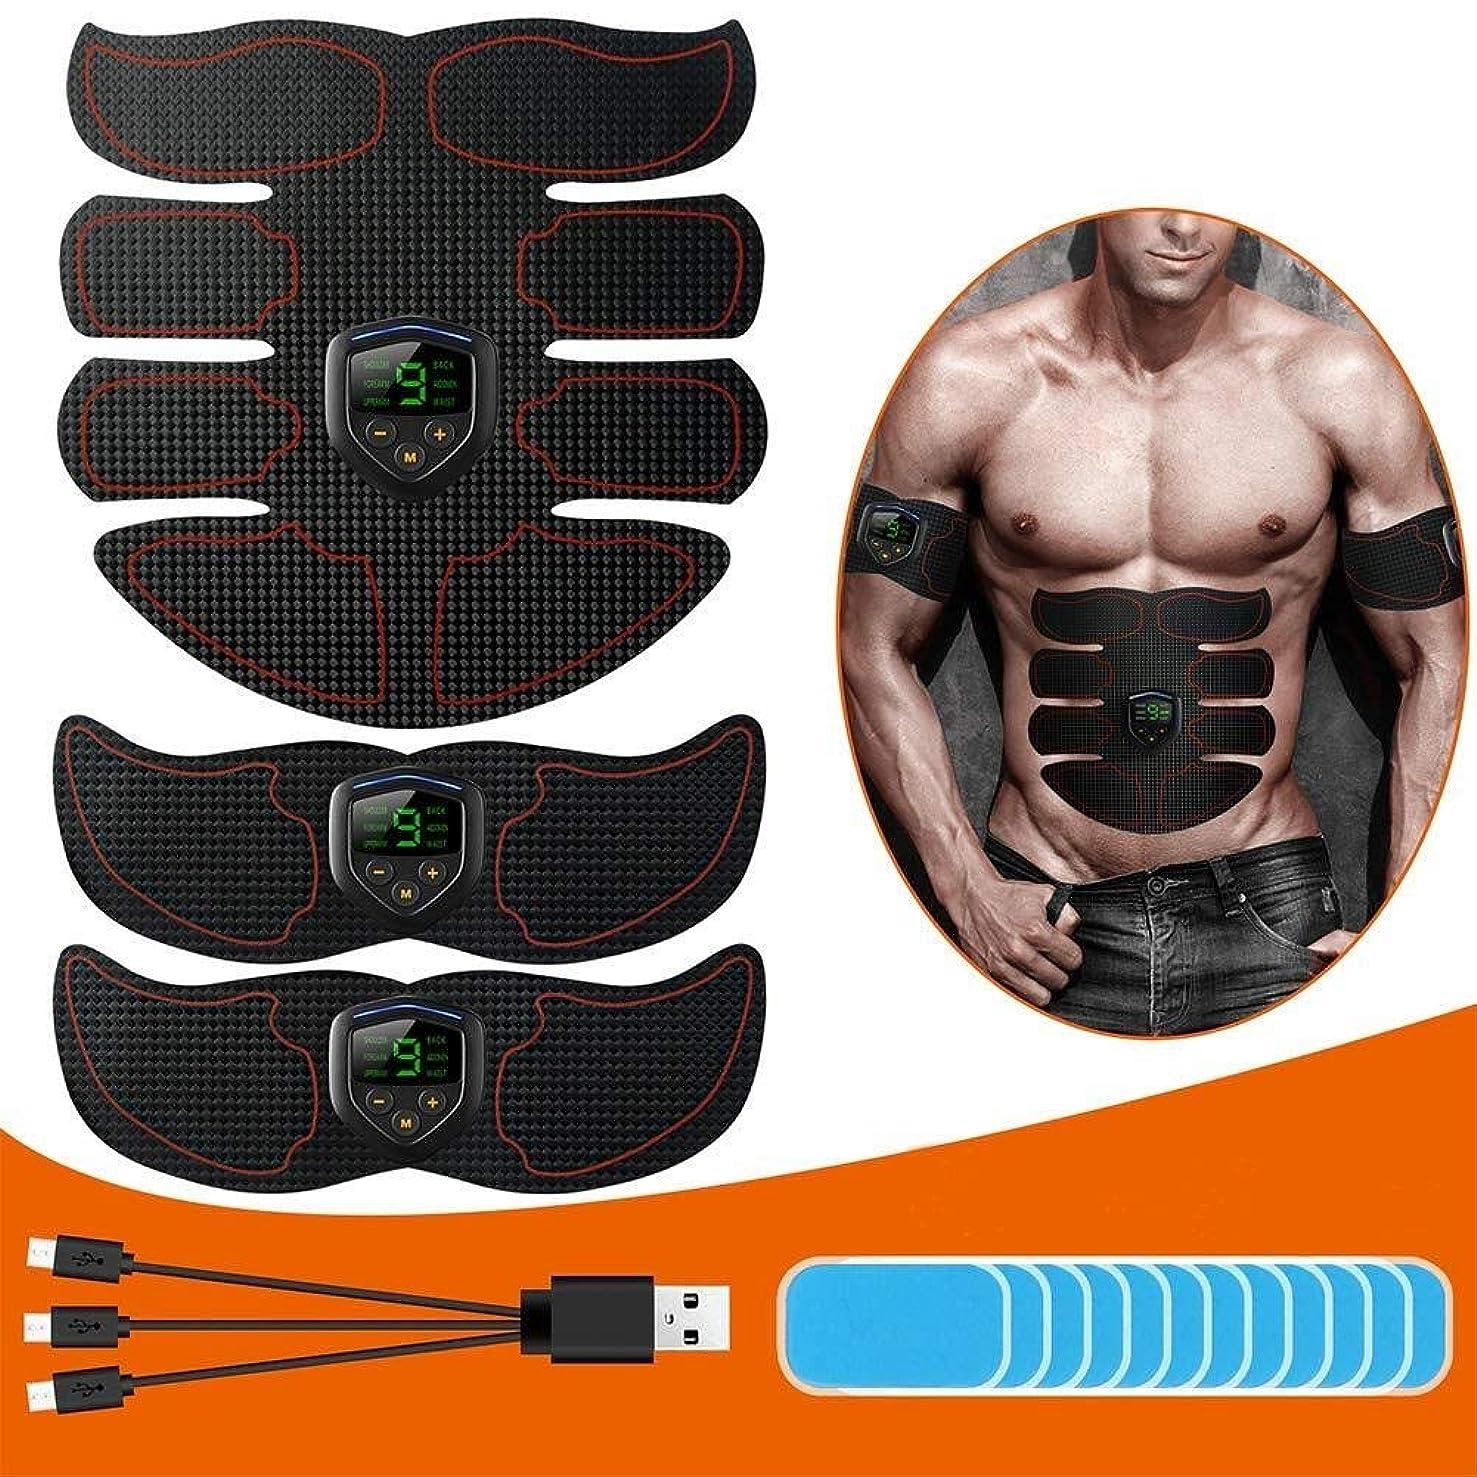 前文コモランマ報復筋肉刺激装置 ABSトレーナー EMSマッスルトナー、 Ab インテリジェント トーニングベルト、 USB充電 液晶ディスプレイ、 腹部/腕/脚 筋肉 ジムの設備 にとって 女性と男性、 12個の交換用ゲルパッド